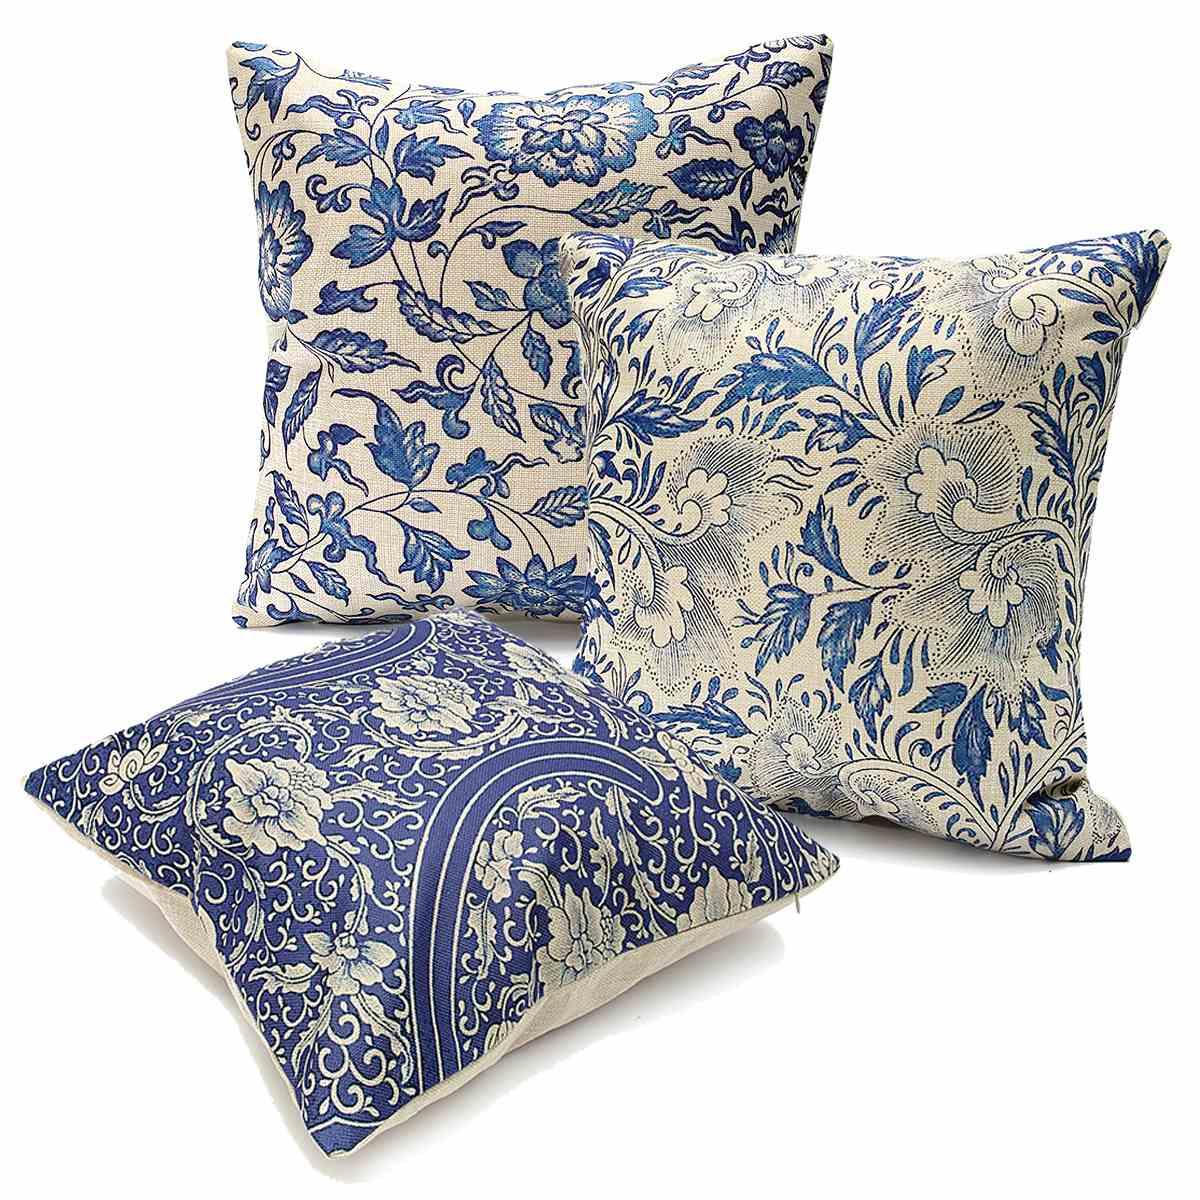 Cotton Linen Pillow Case Blue And White Porcelain Cover